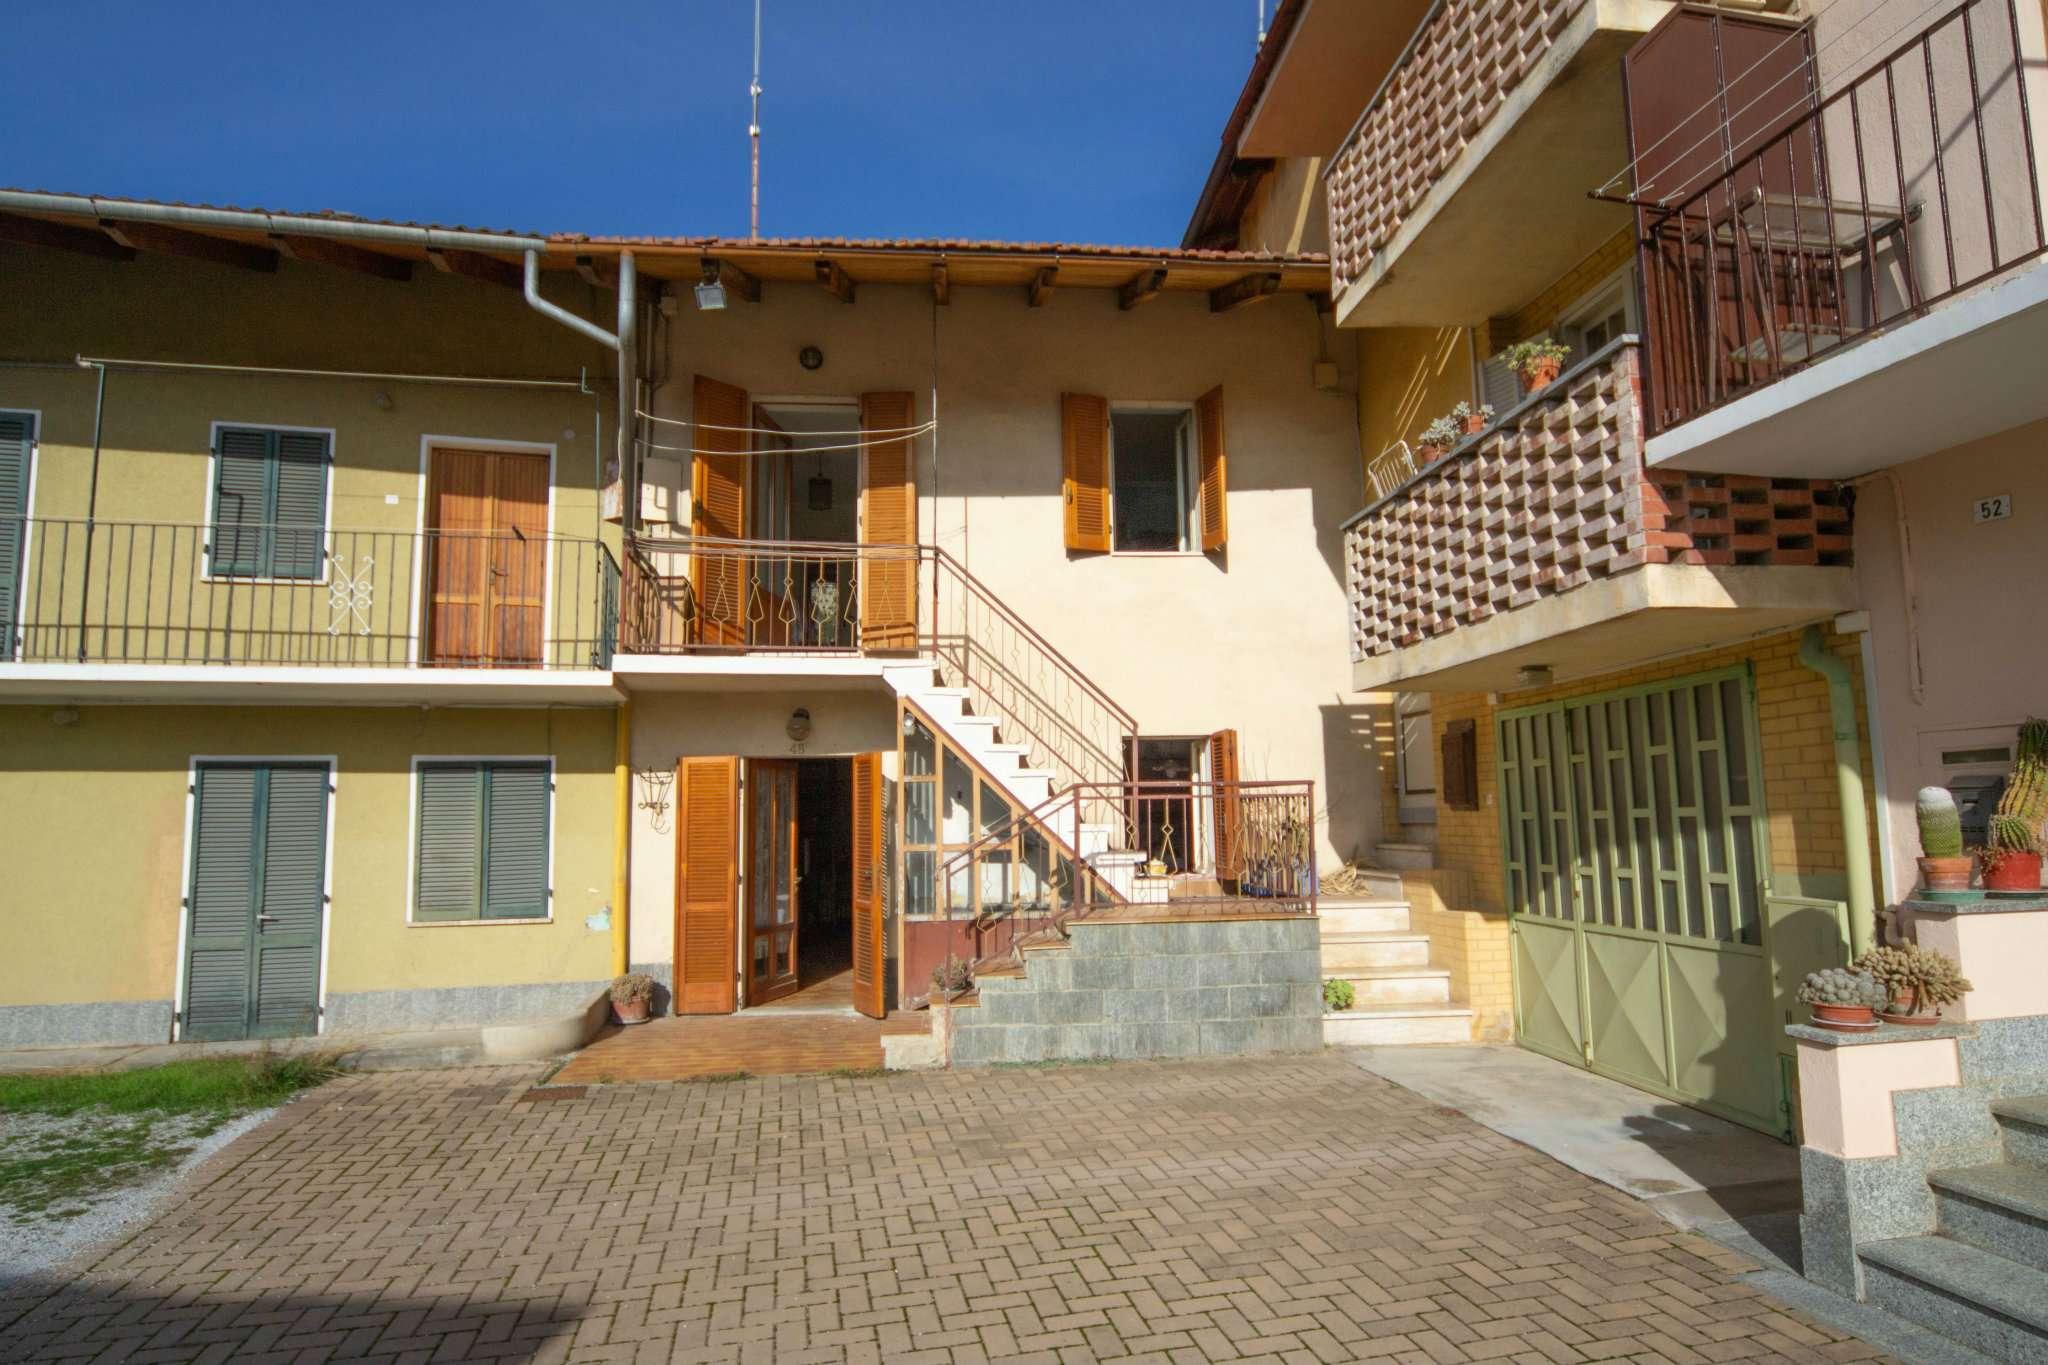 Soluzione Semindipendente in vendita a Caraglio, 4 locali, prezzo € 69.000 | PortaleAgenzieImmobiliari.it